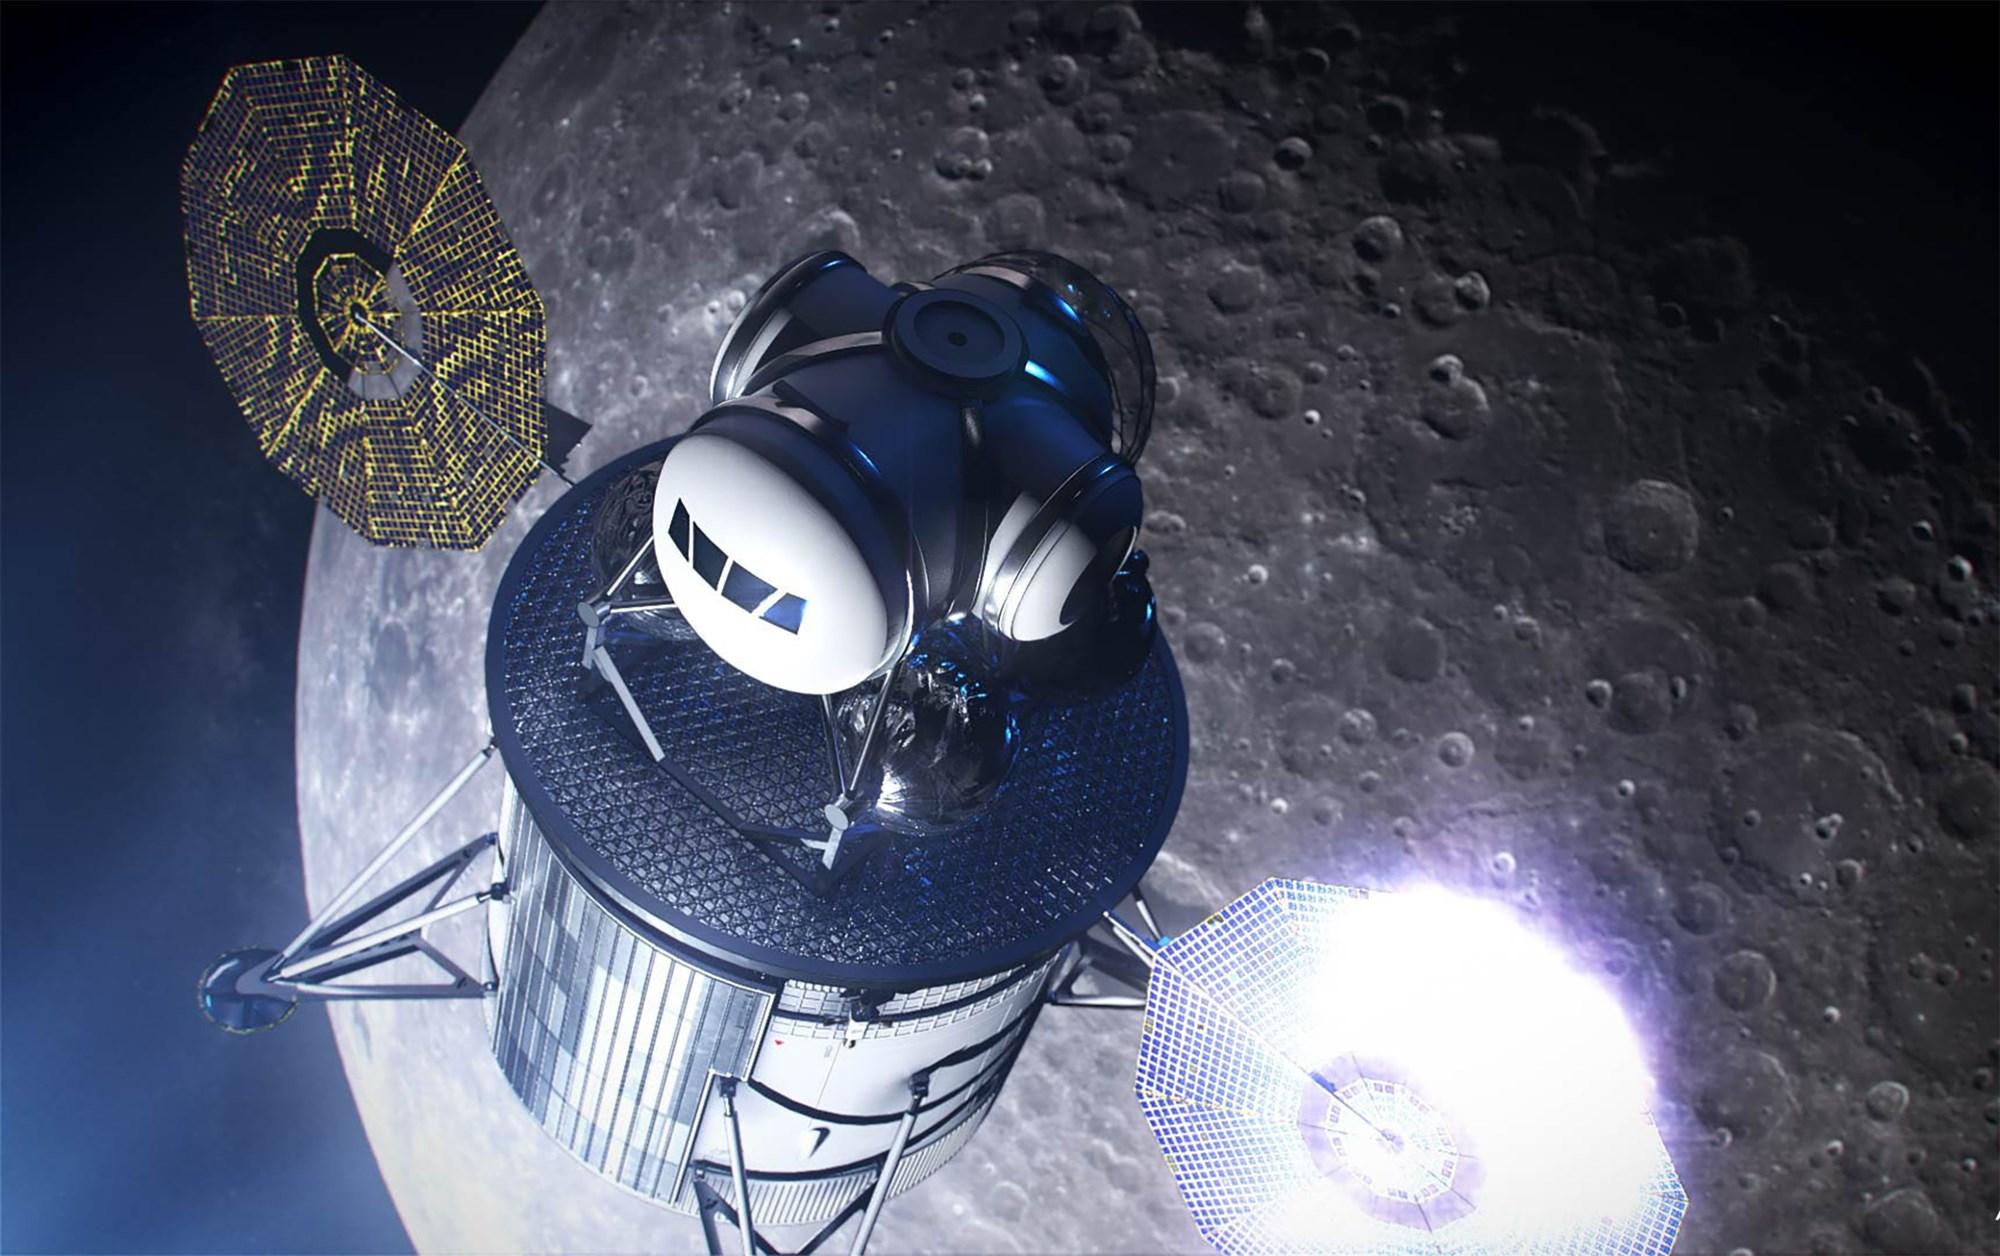 નાસાના ચંદ્ર પર મિશન મોકલવા માટે વપરાય છે તે  લેંડરનું એક મોડેલ છે.  સ્પેસ એજન્સીએ જૂન 2019 માં આ ફોટો પ્રકાશિત કર્યો હતો. - Divya Bhaskar